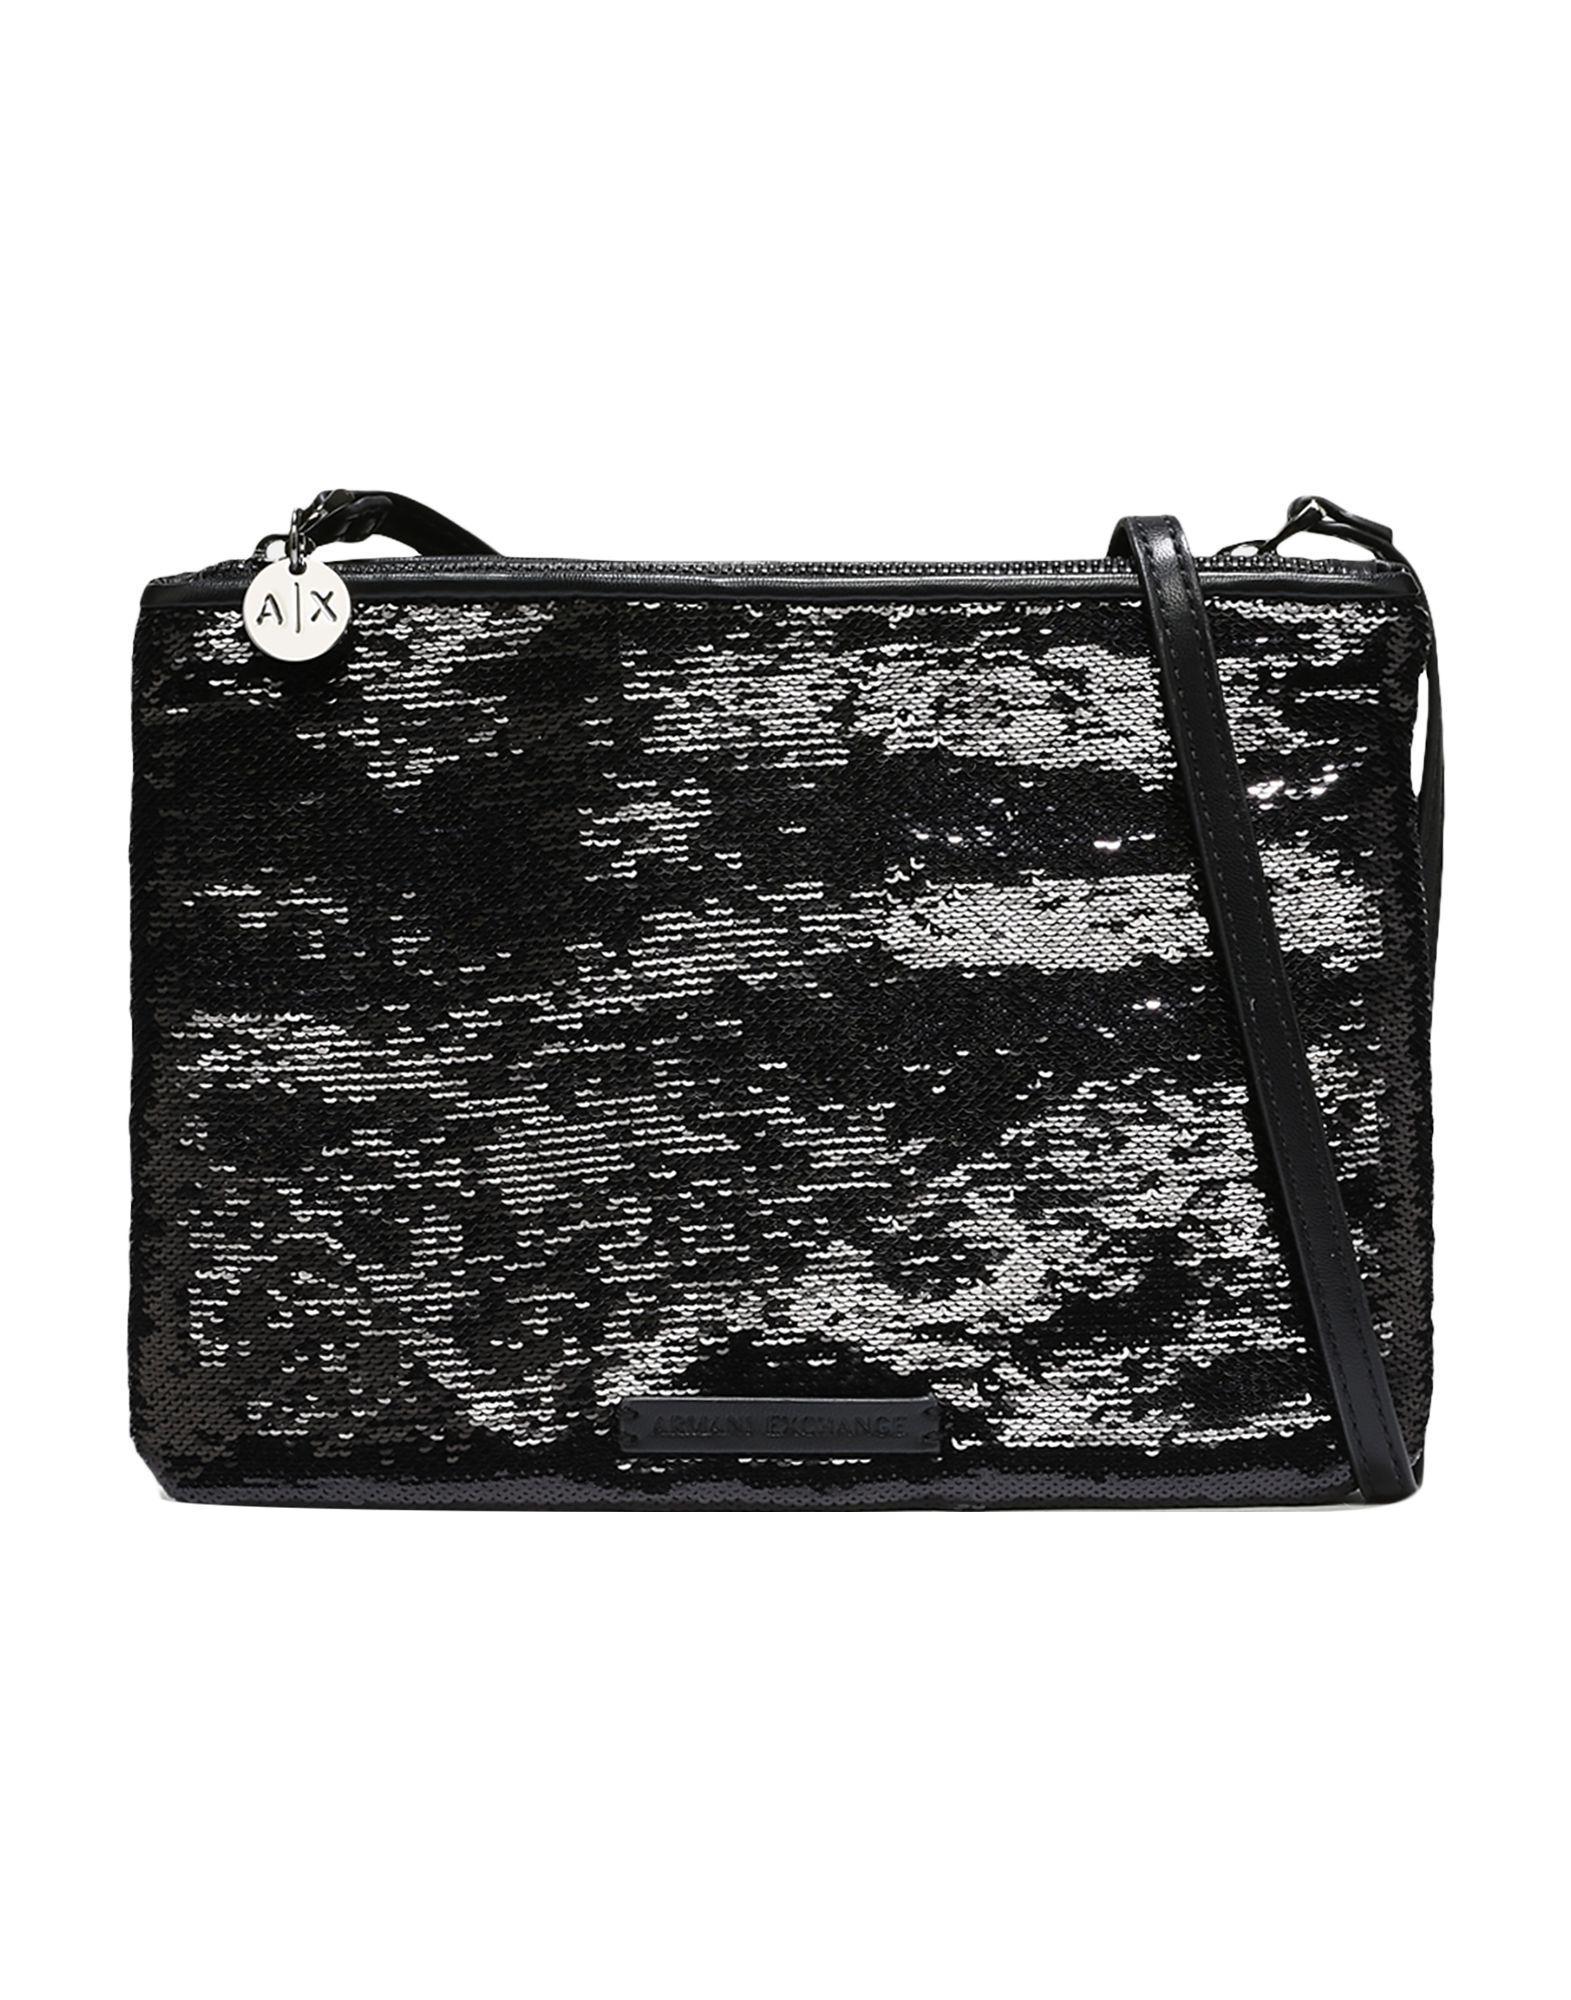 a7840cb44ff6 Lyst - Armani Exchange Shoulder Bag in Black